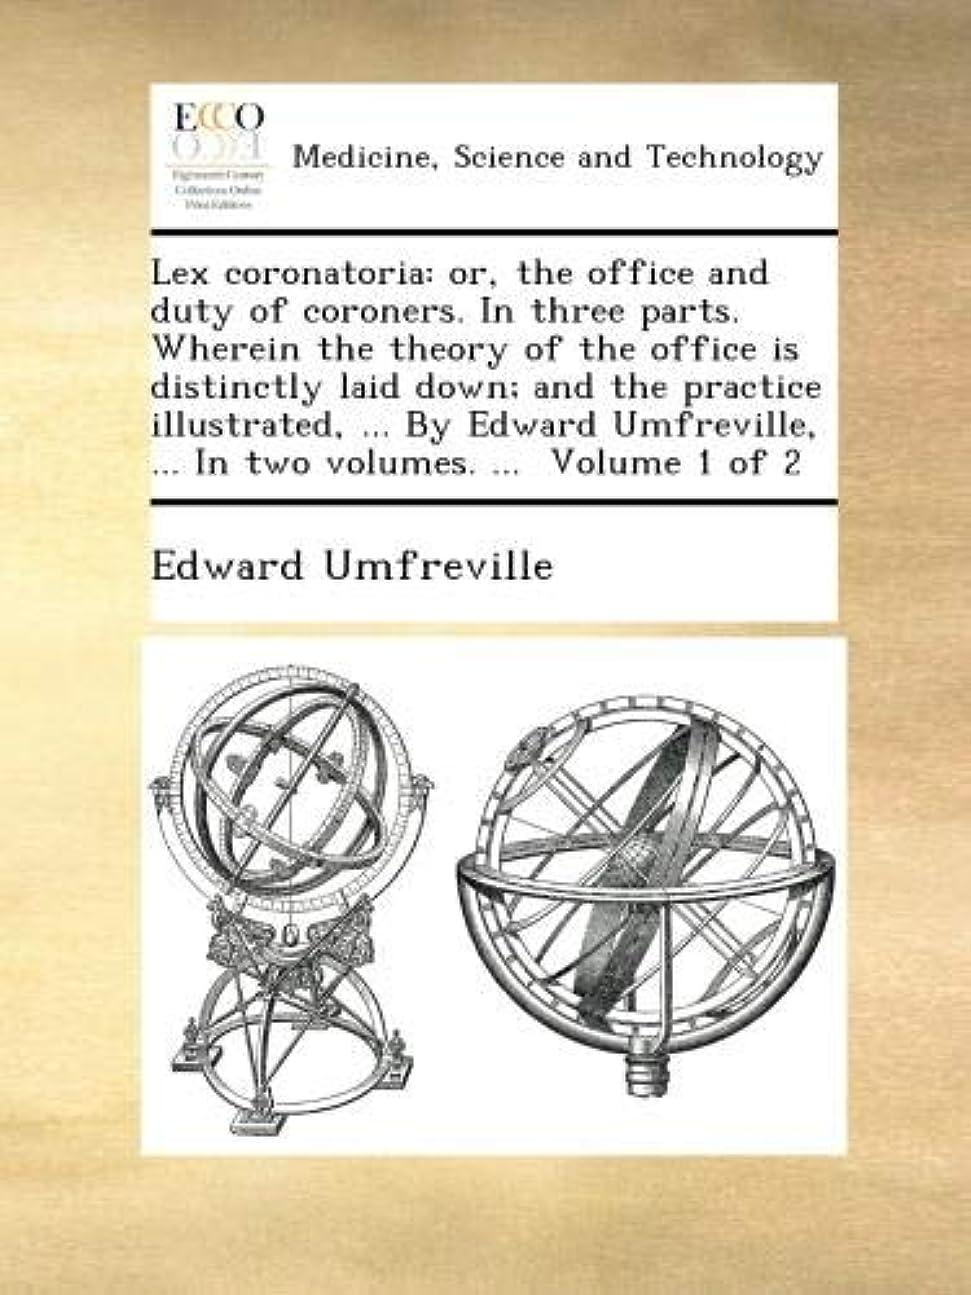 上昇孤独なビールLex coronatoria: or, the office and duty of coroners. In three parts. Wherein the theory of the office is distinctly laid down; and the practice illustrated, ... By Edward Umfreville, ... In two volumes. ...  Volume 1 of 2